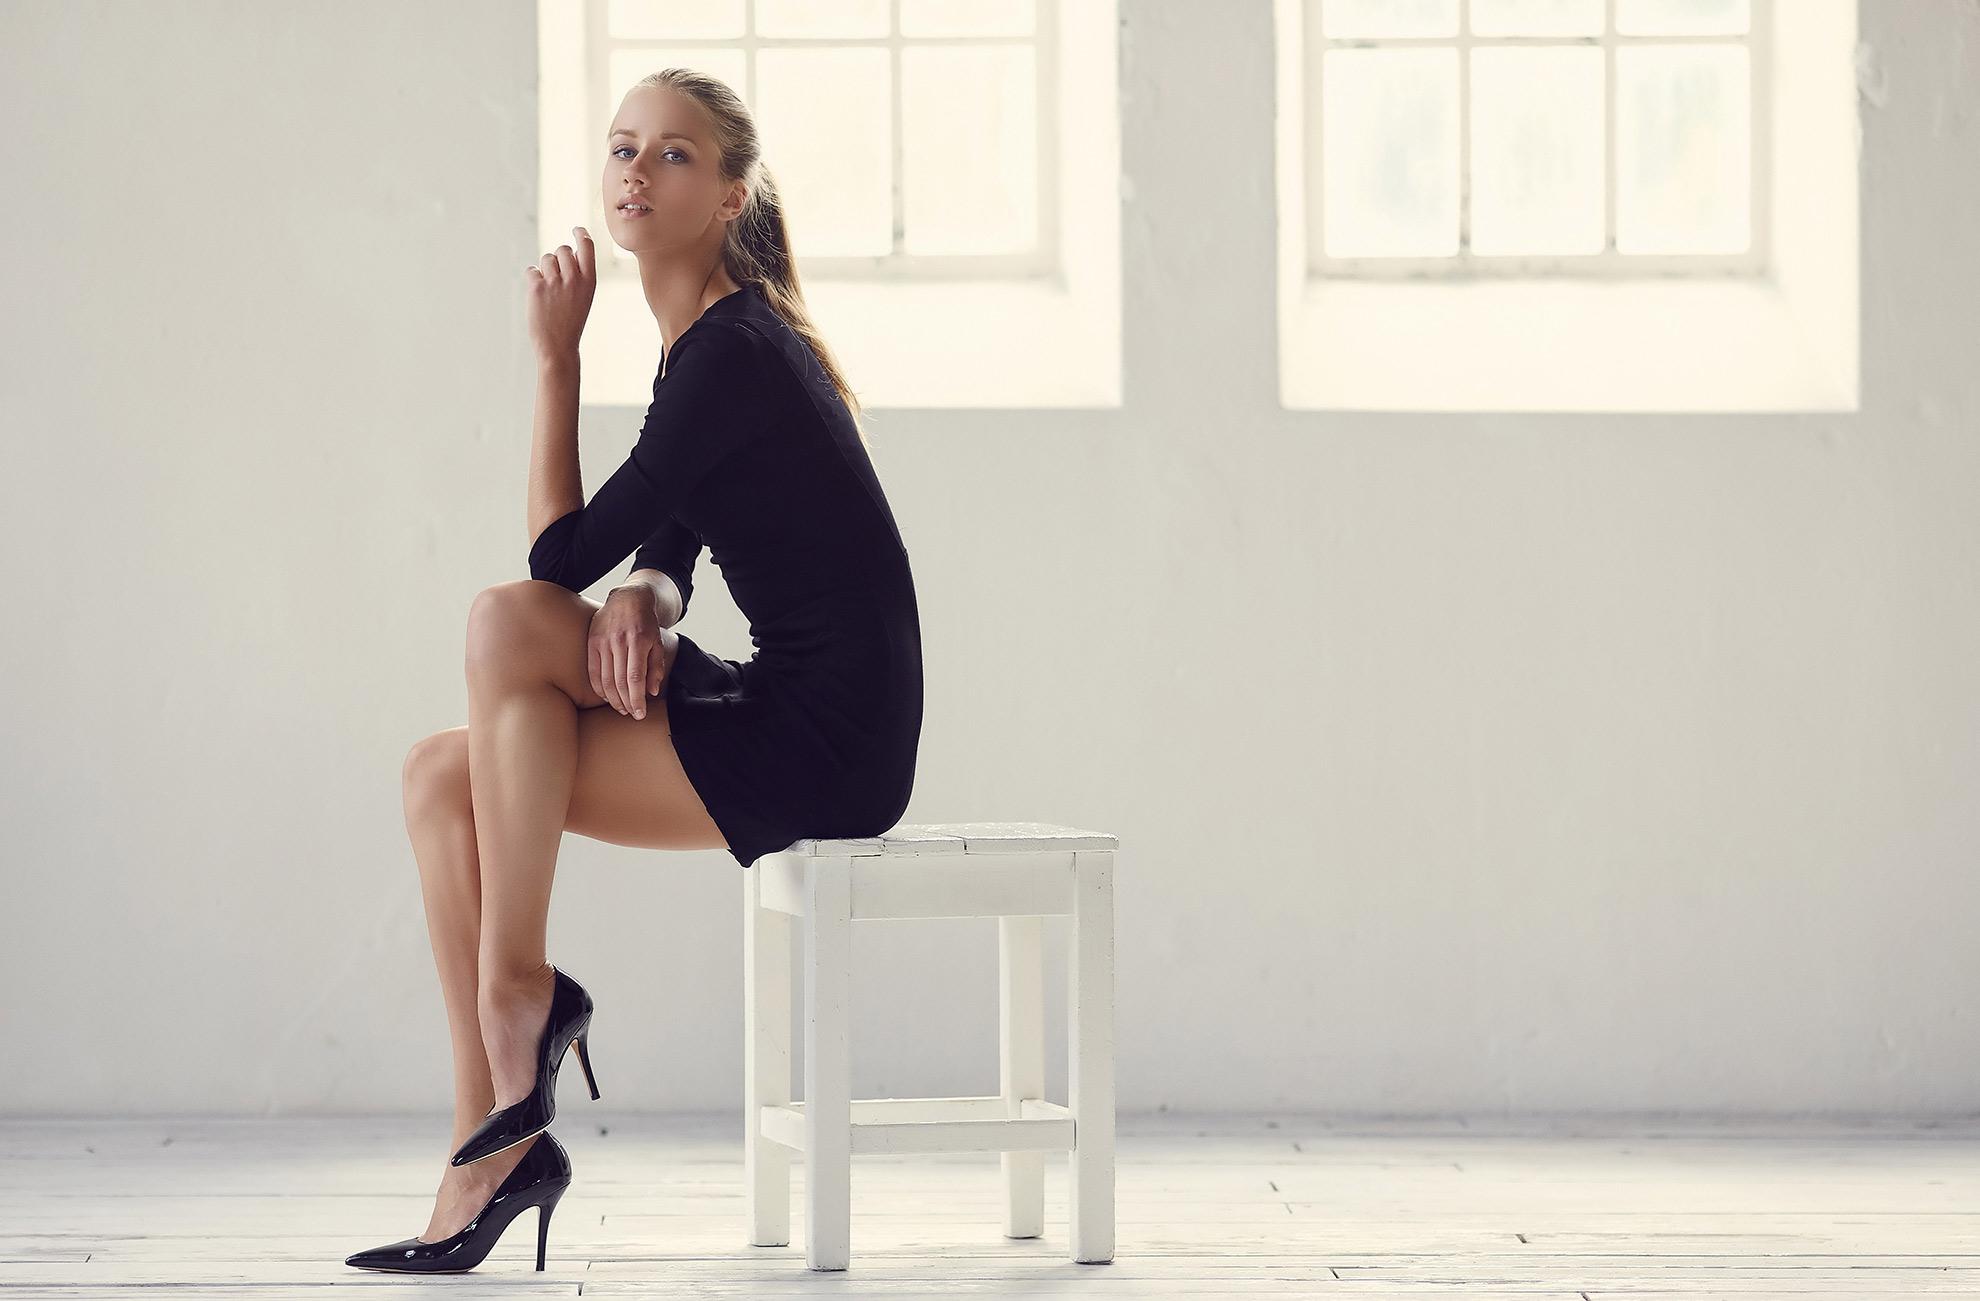 Kobieta ubrana w sukienkę mała czarna, ilustracja do artykułu o rajstopach do małej czarnej